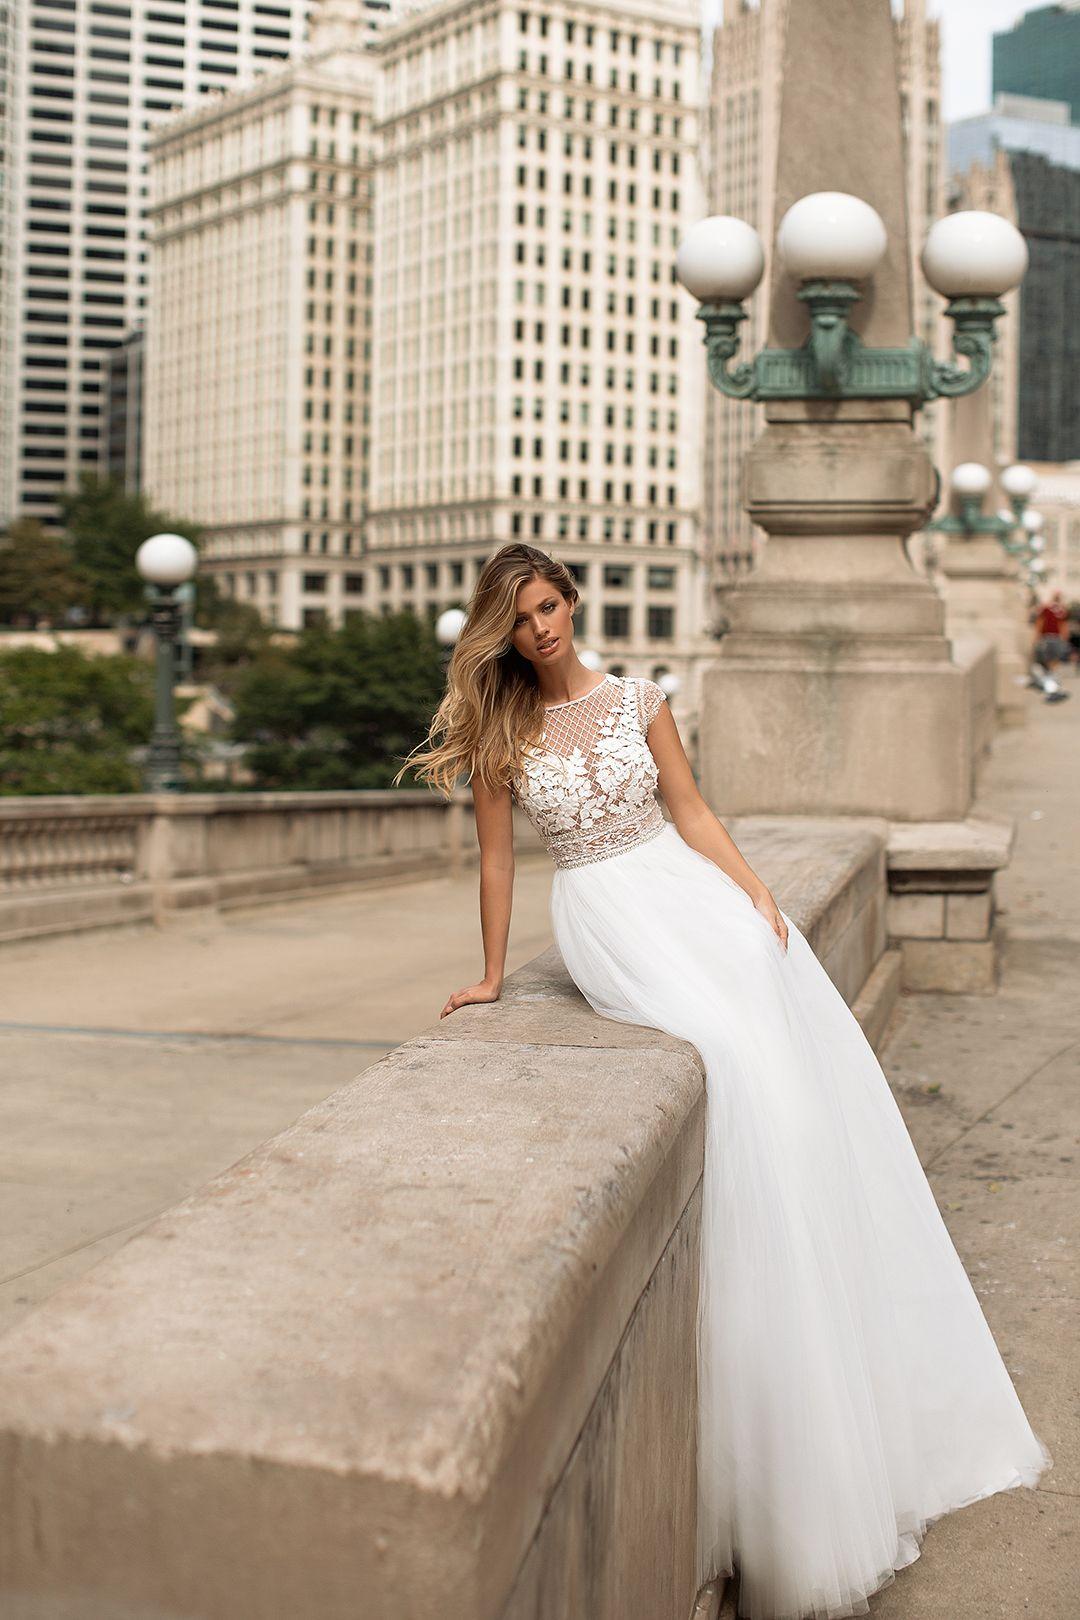 Chicago wedding dresses  Sharlotta wedding dress by Viero Milla Nova Milla Nova